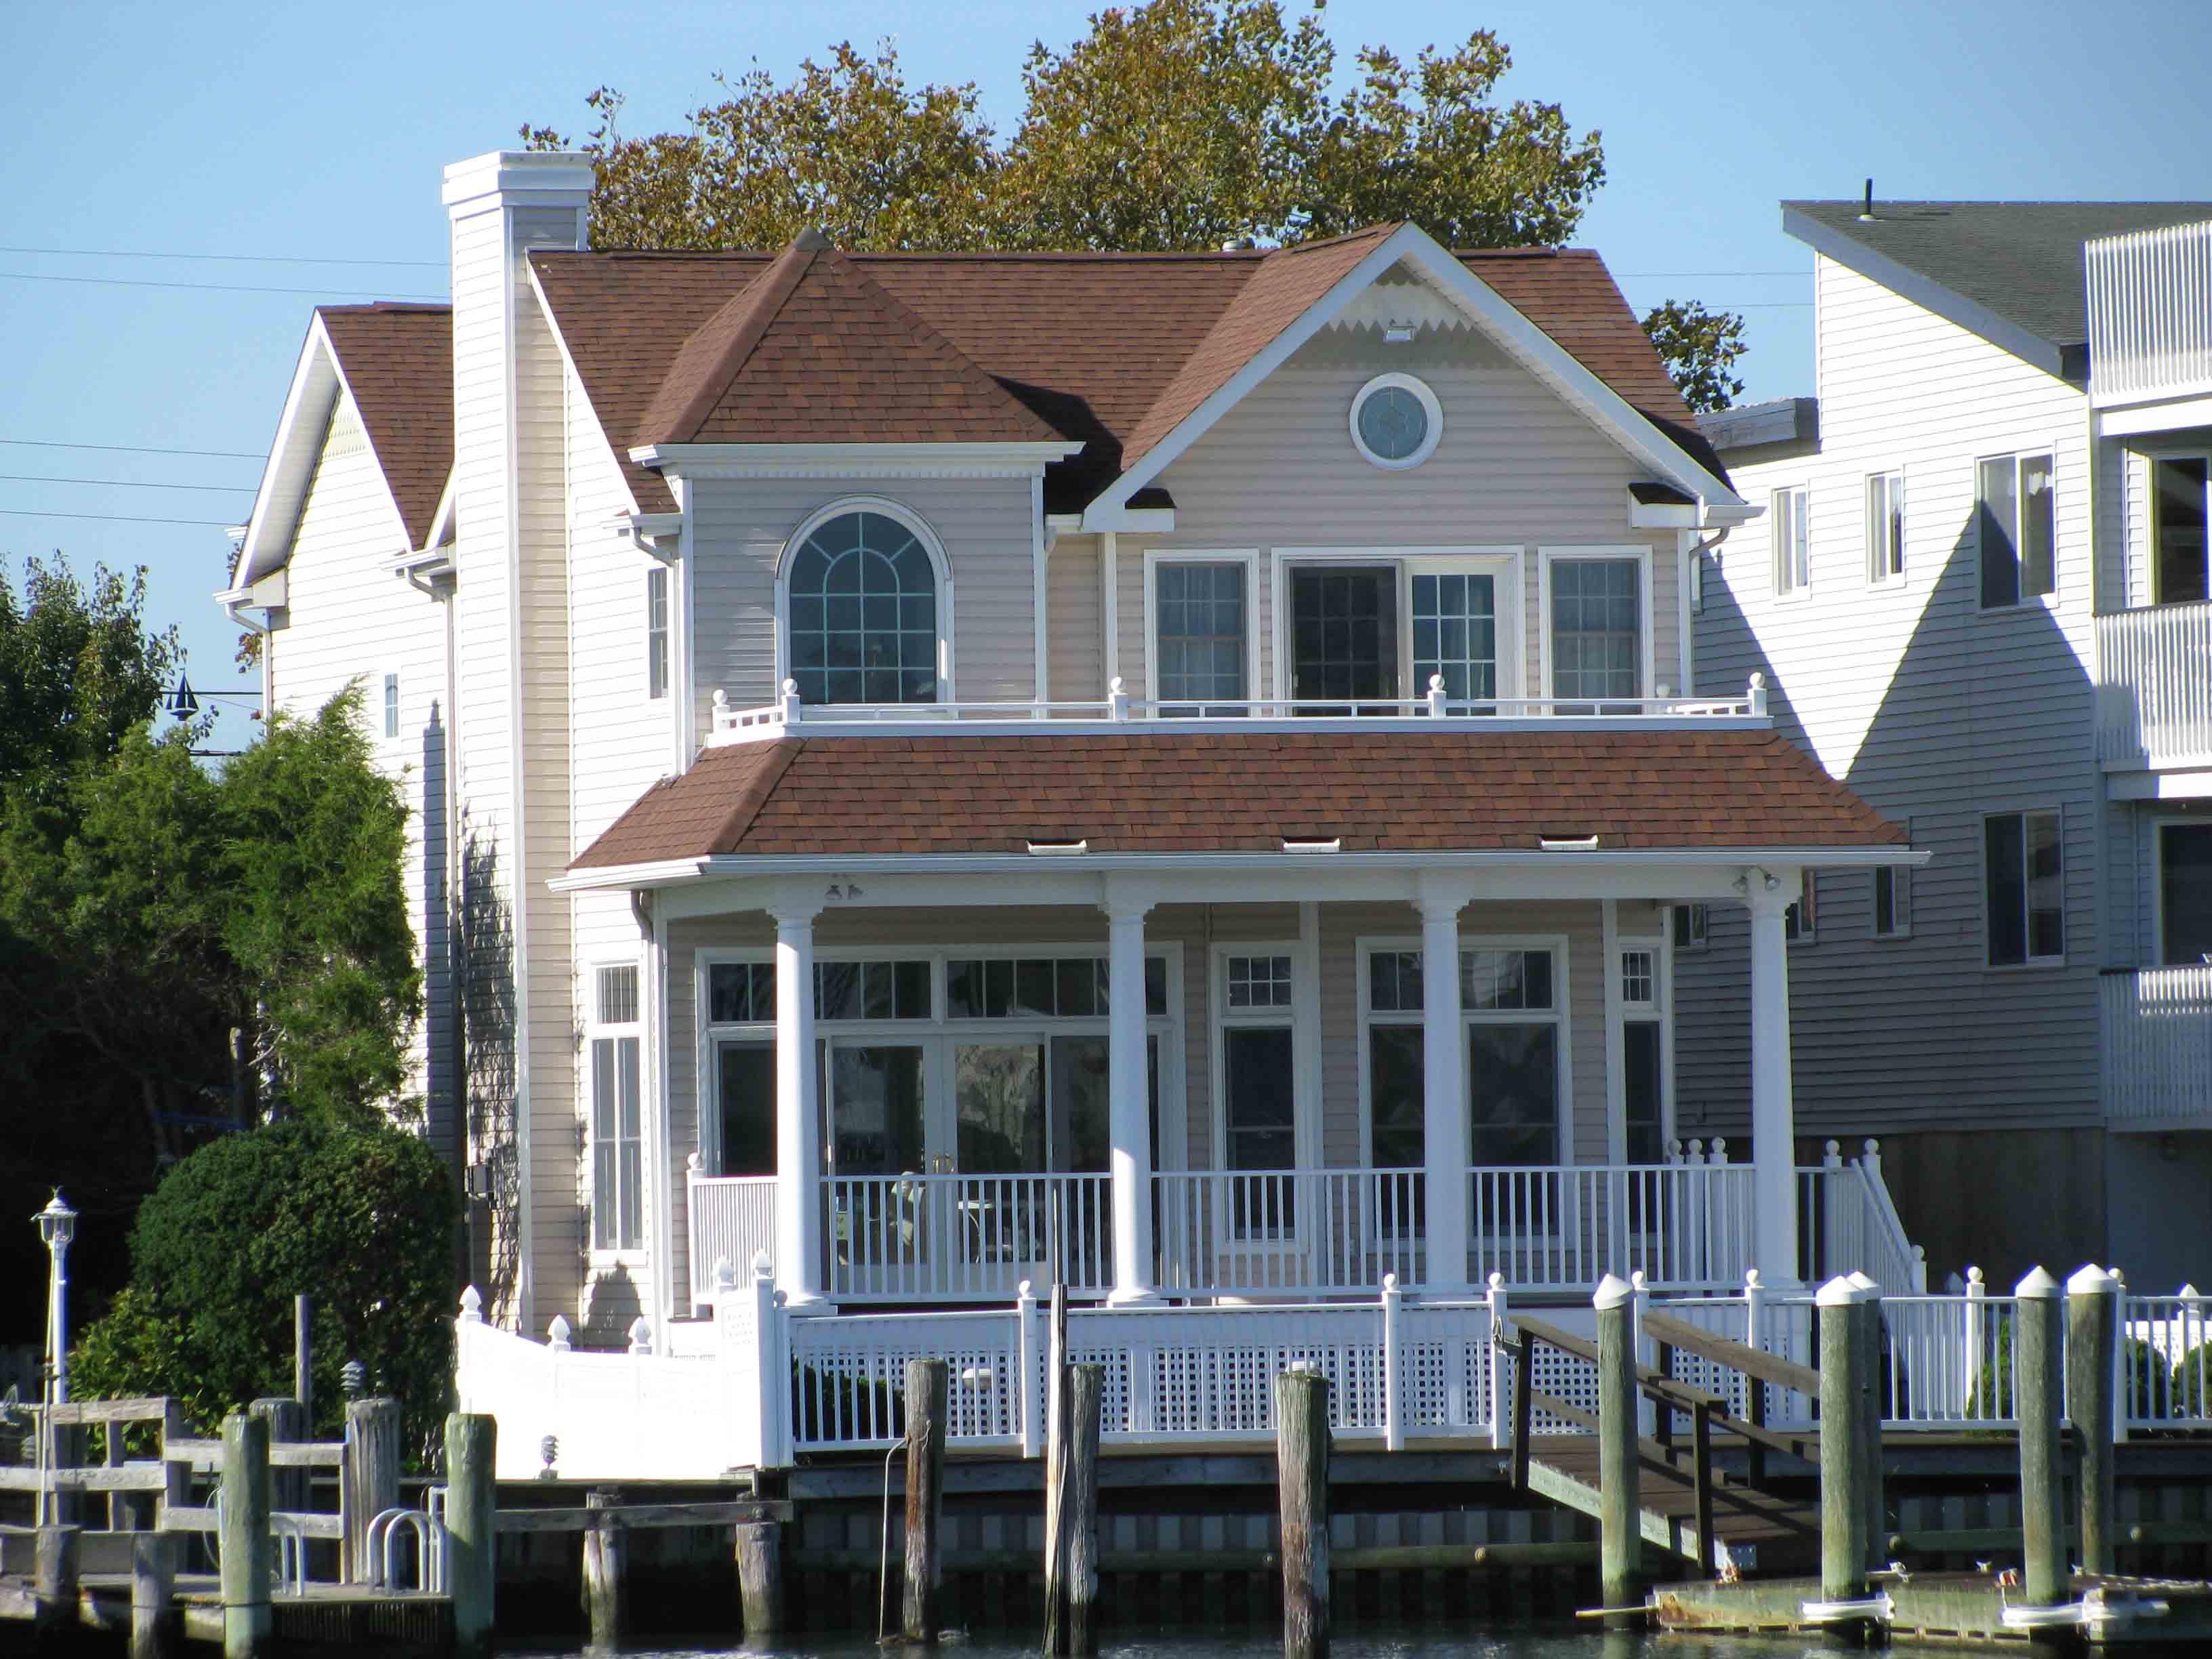 Coastal Homes Single Family9